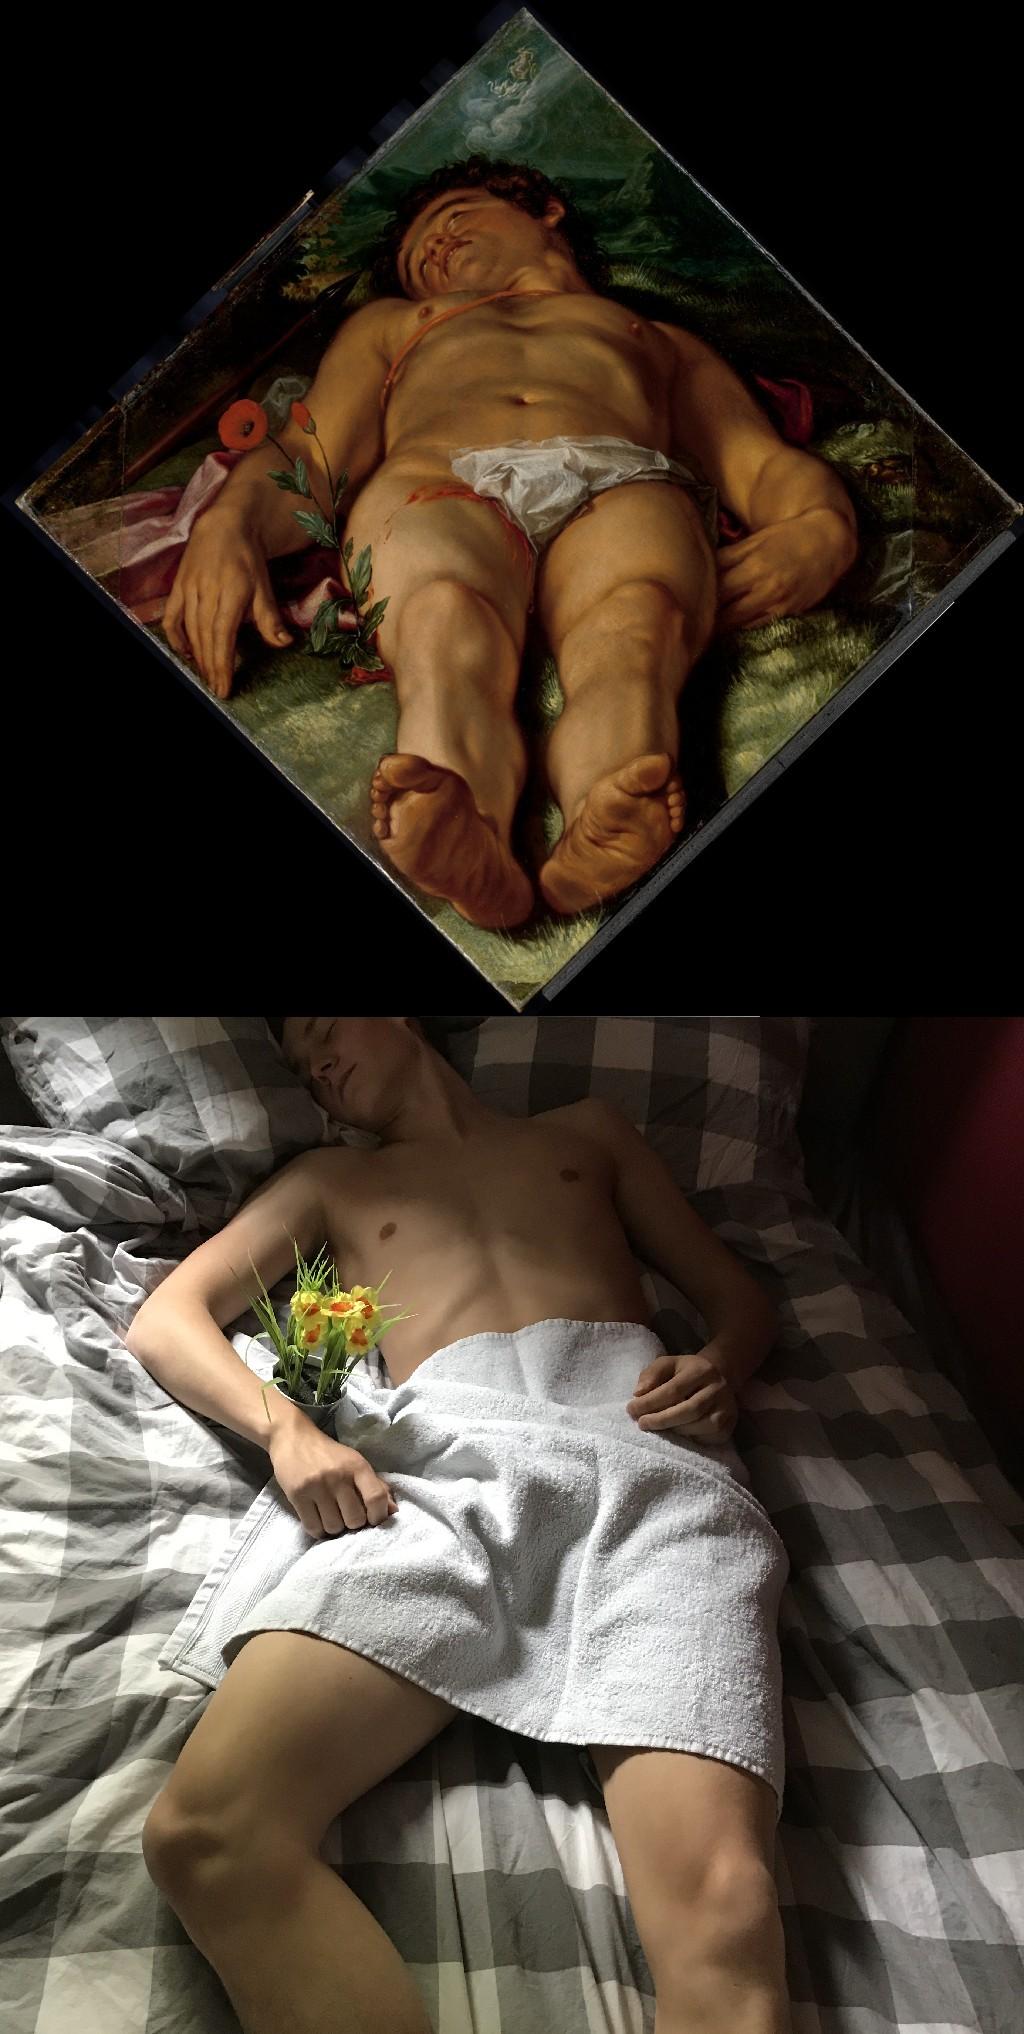 Dying Adonis, Hendrik Goltzius (1558-1617) vanGo'd by Michael Serneels